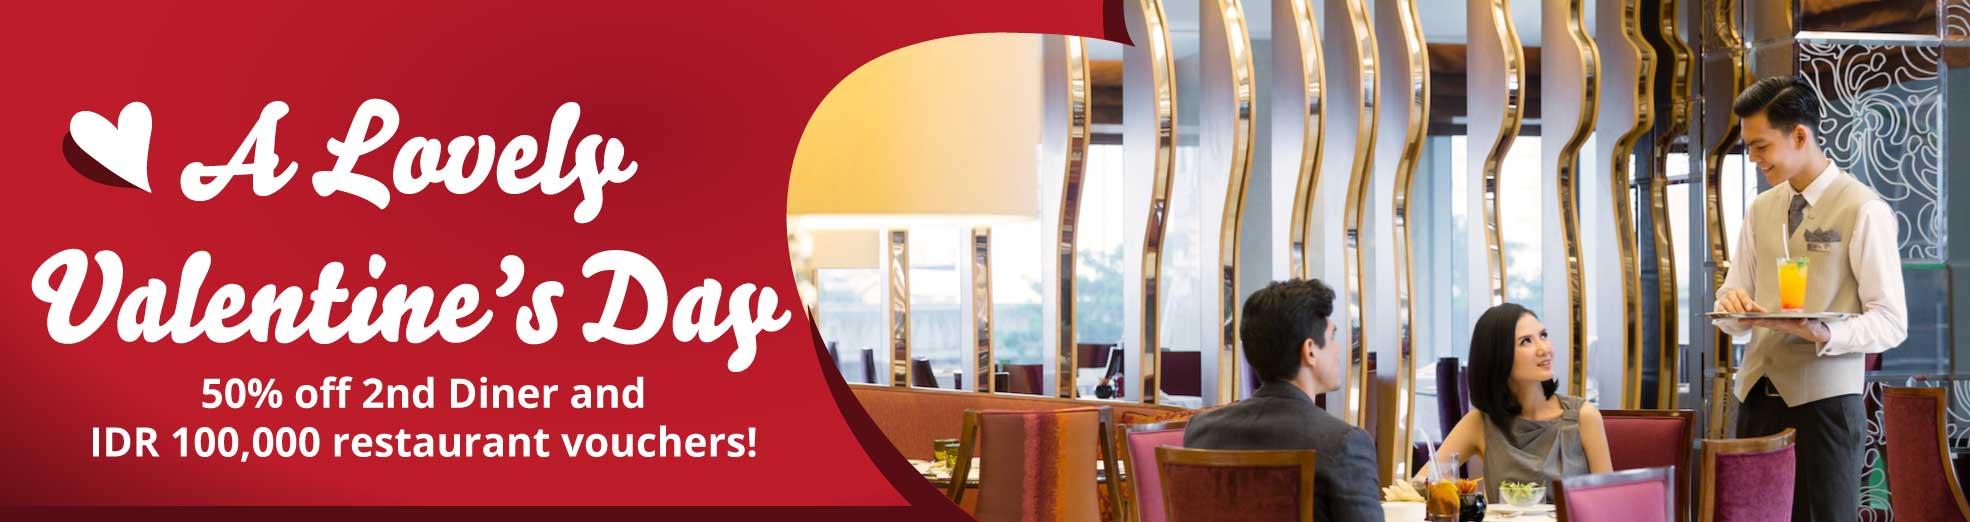 50 Off 2nd Diner Offer Voucher Eric Kayser Buy 1 Get For Your Partner In Valentine